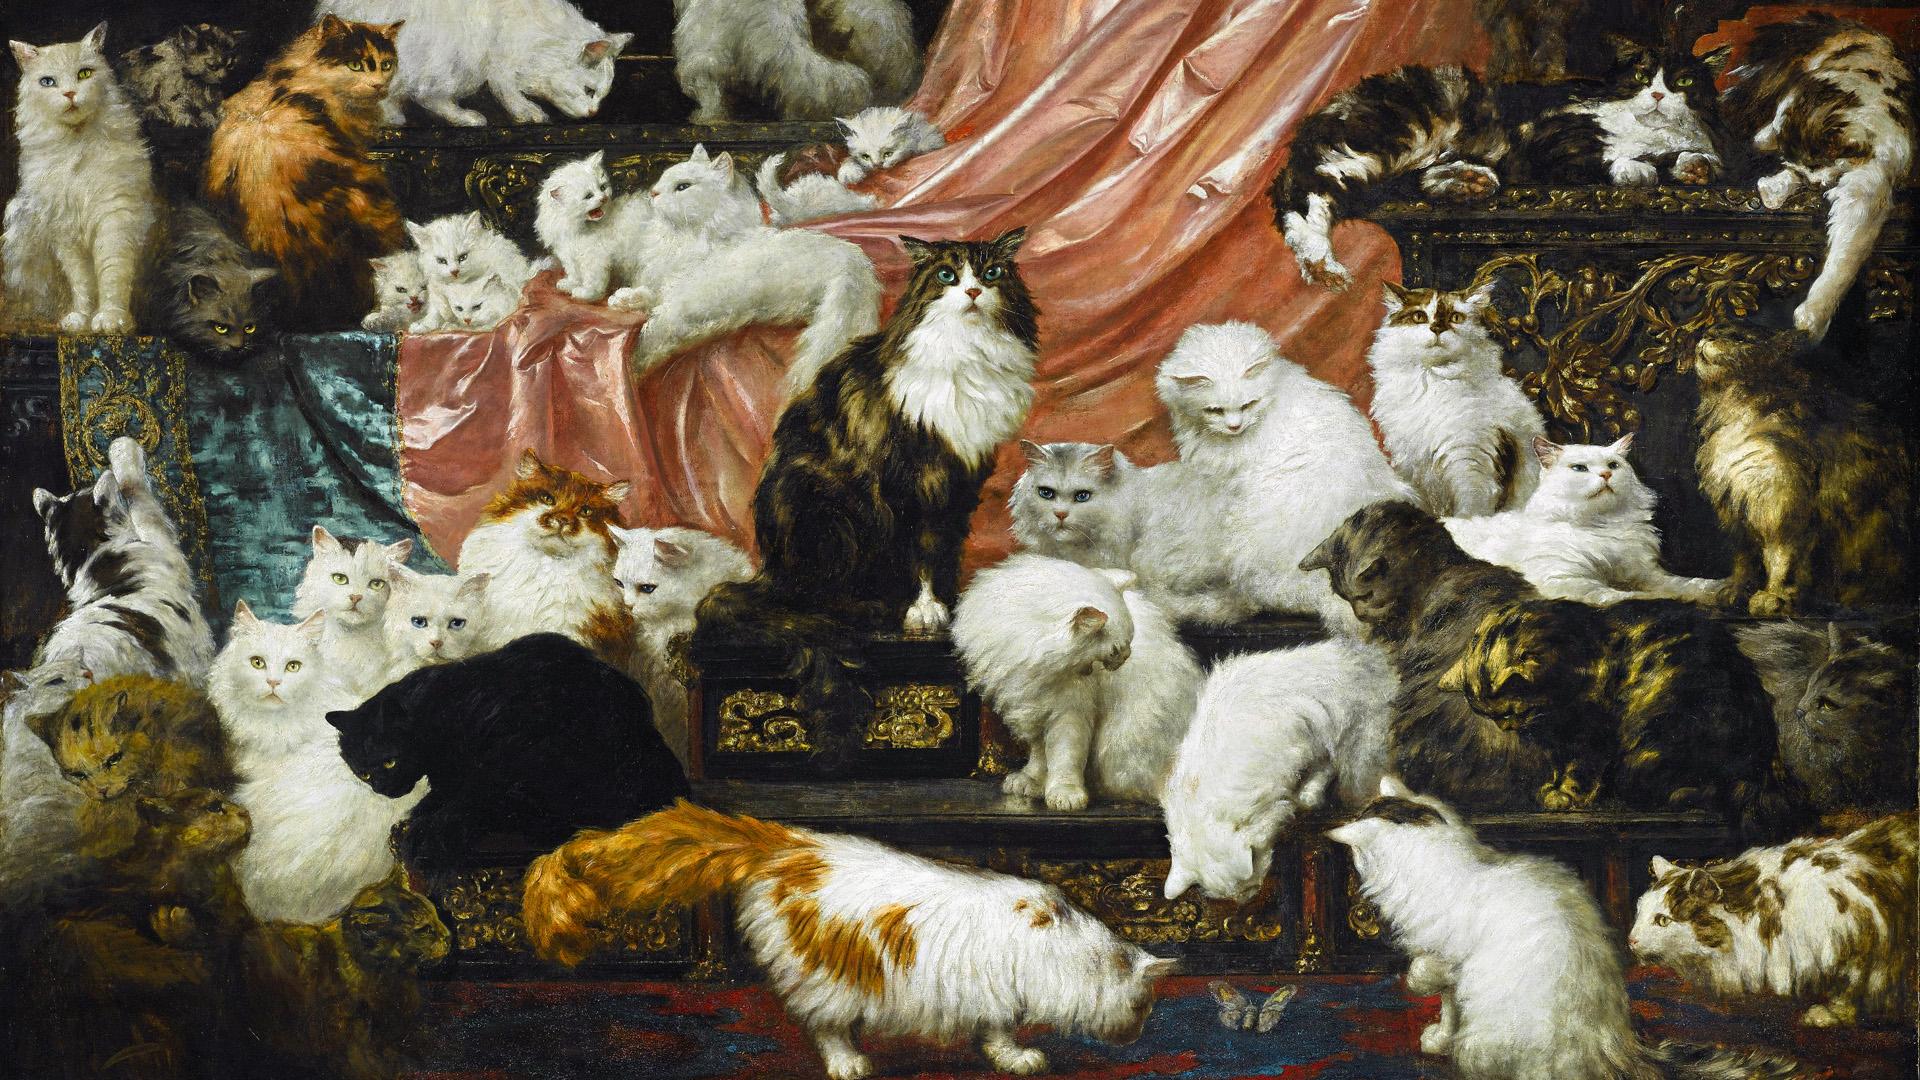 Nincs ennél menőbb macskás kép a világon